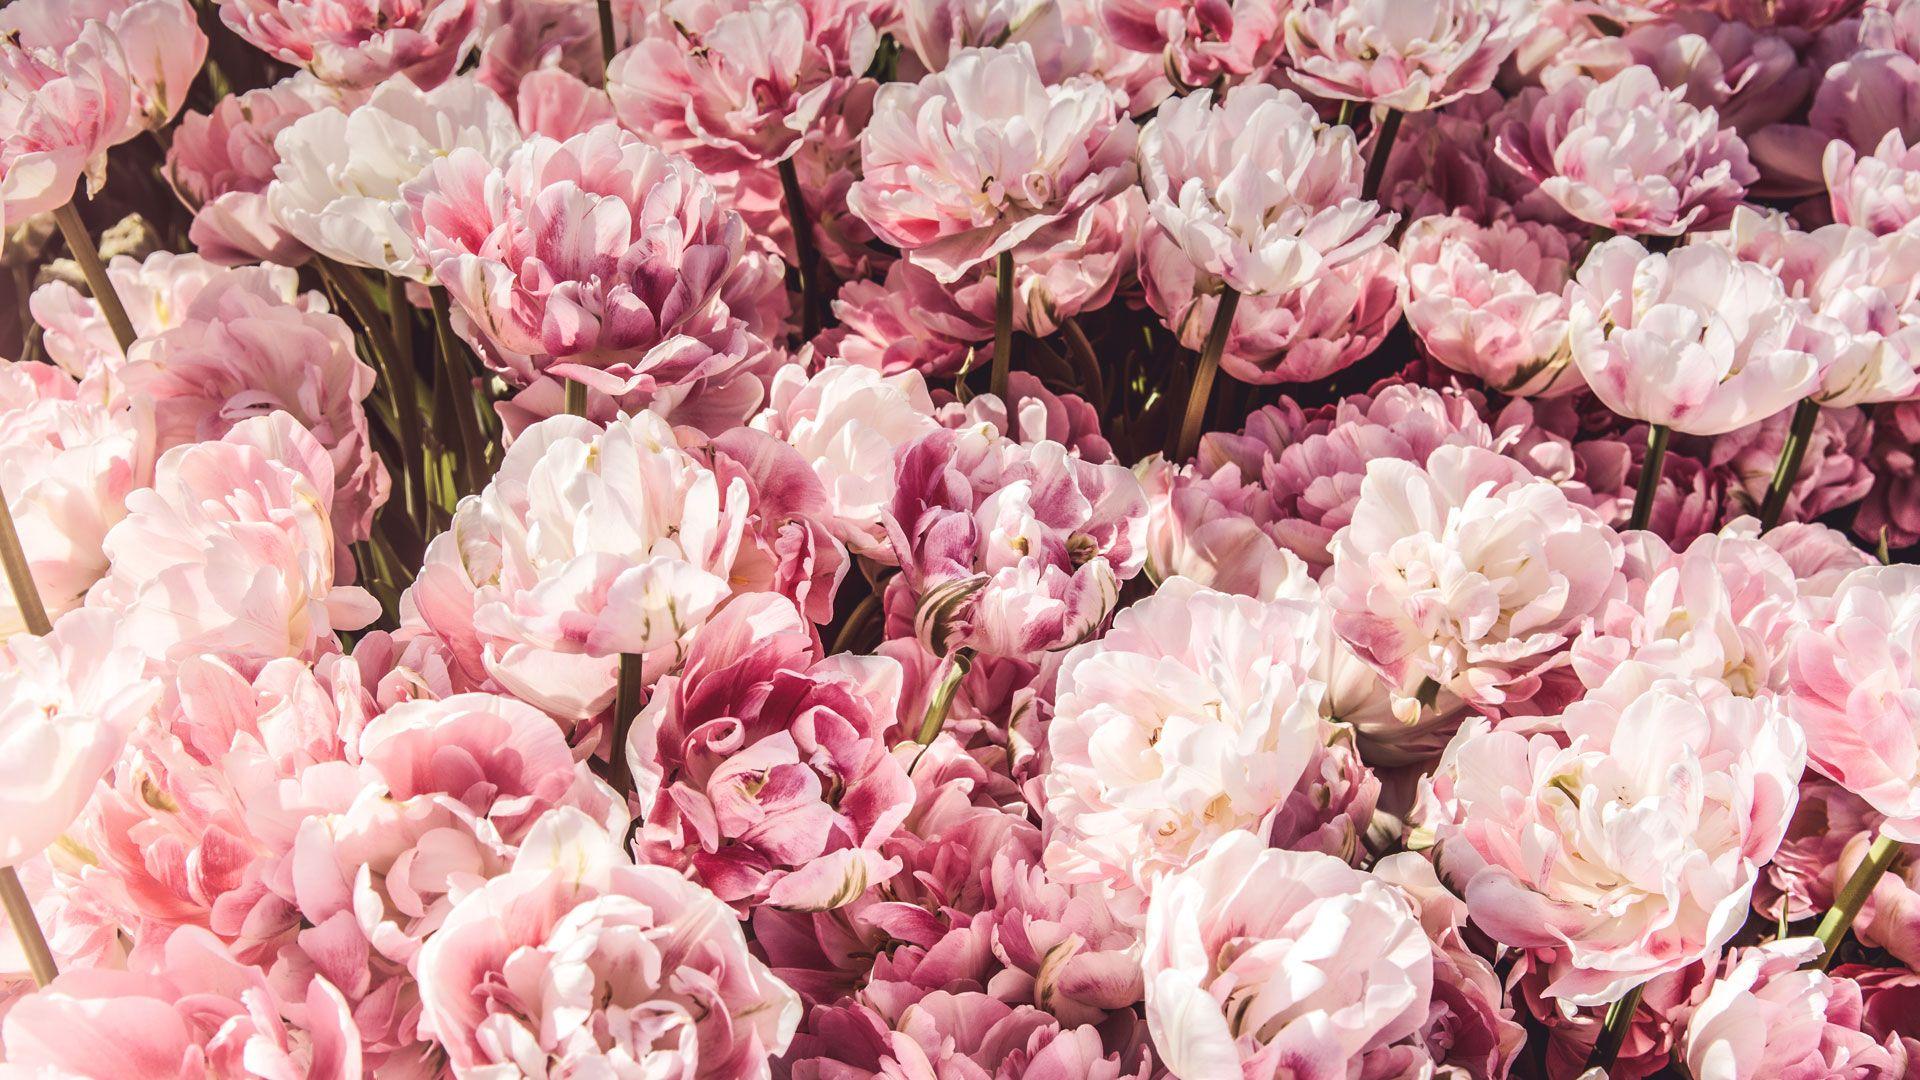 Mantén frescas tus flores - Amborella, floristería online en Madrid